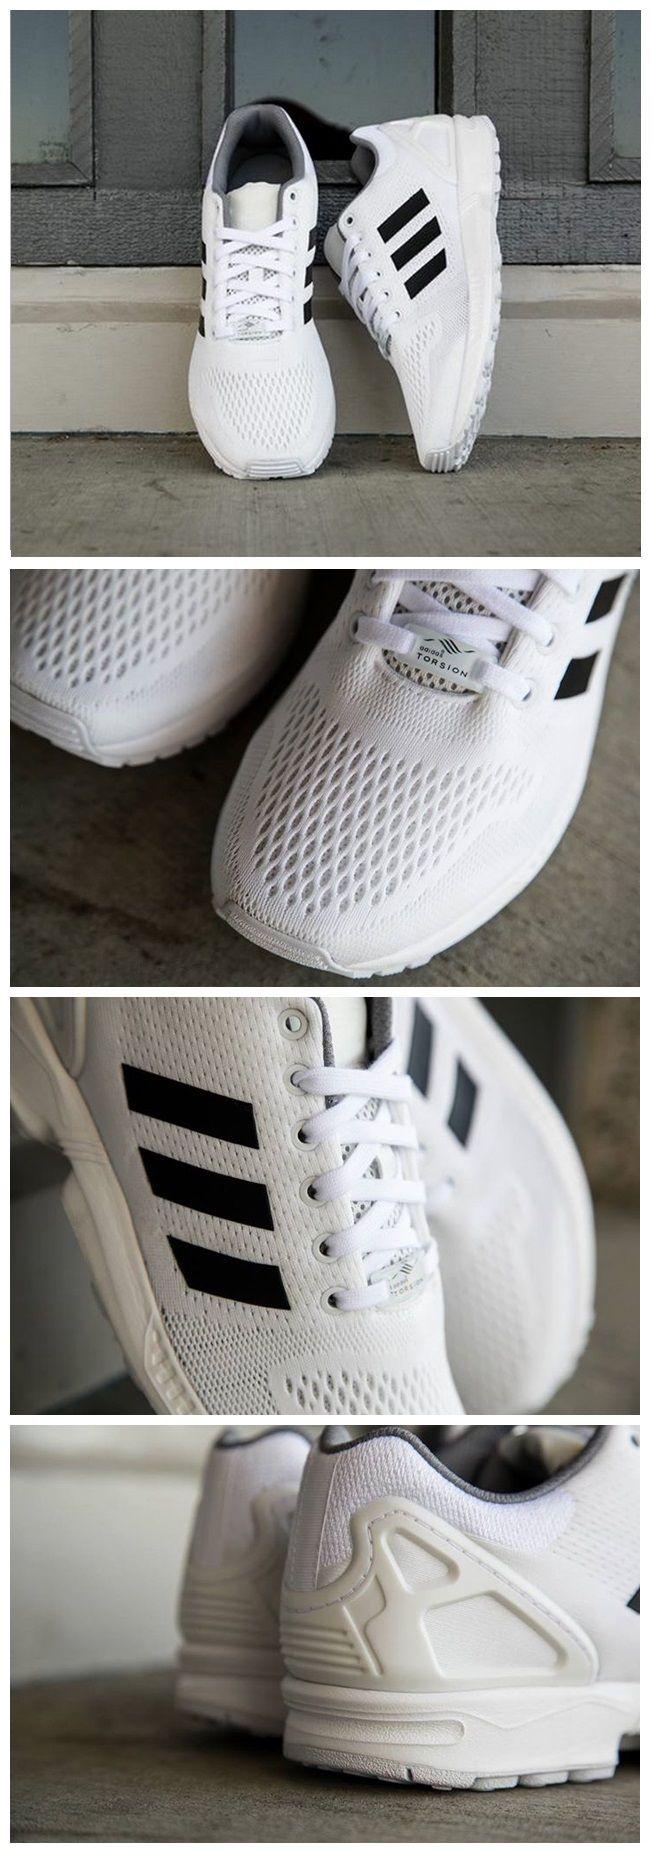 adidas Originals ZX Flux: White